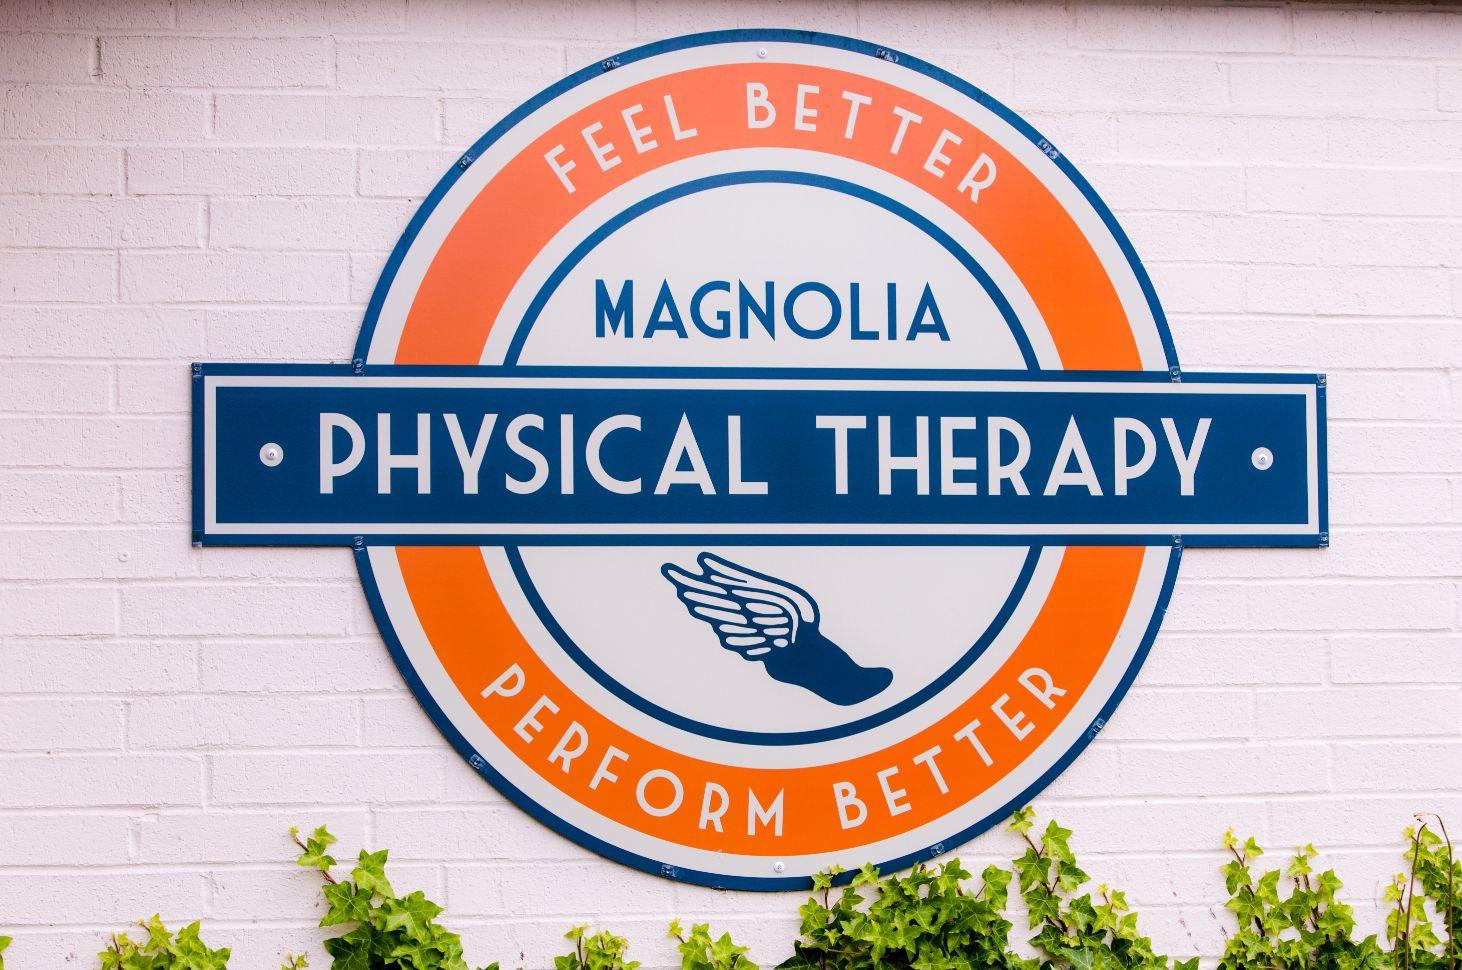 magnolia-PT-Logo-Storefront